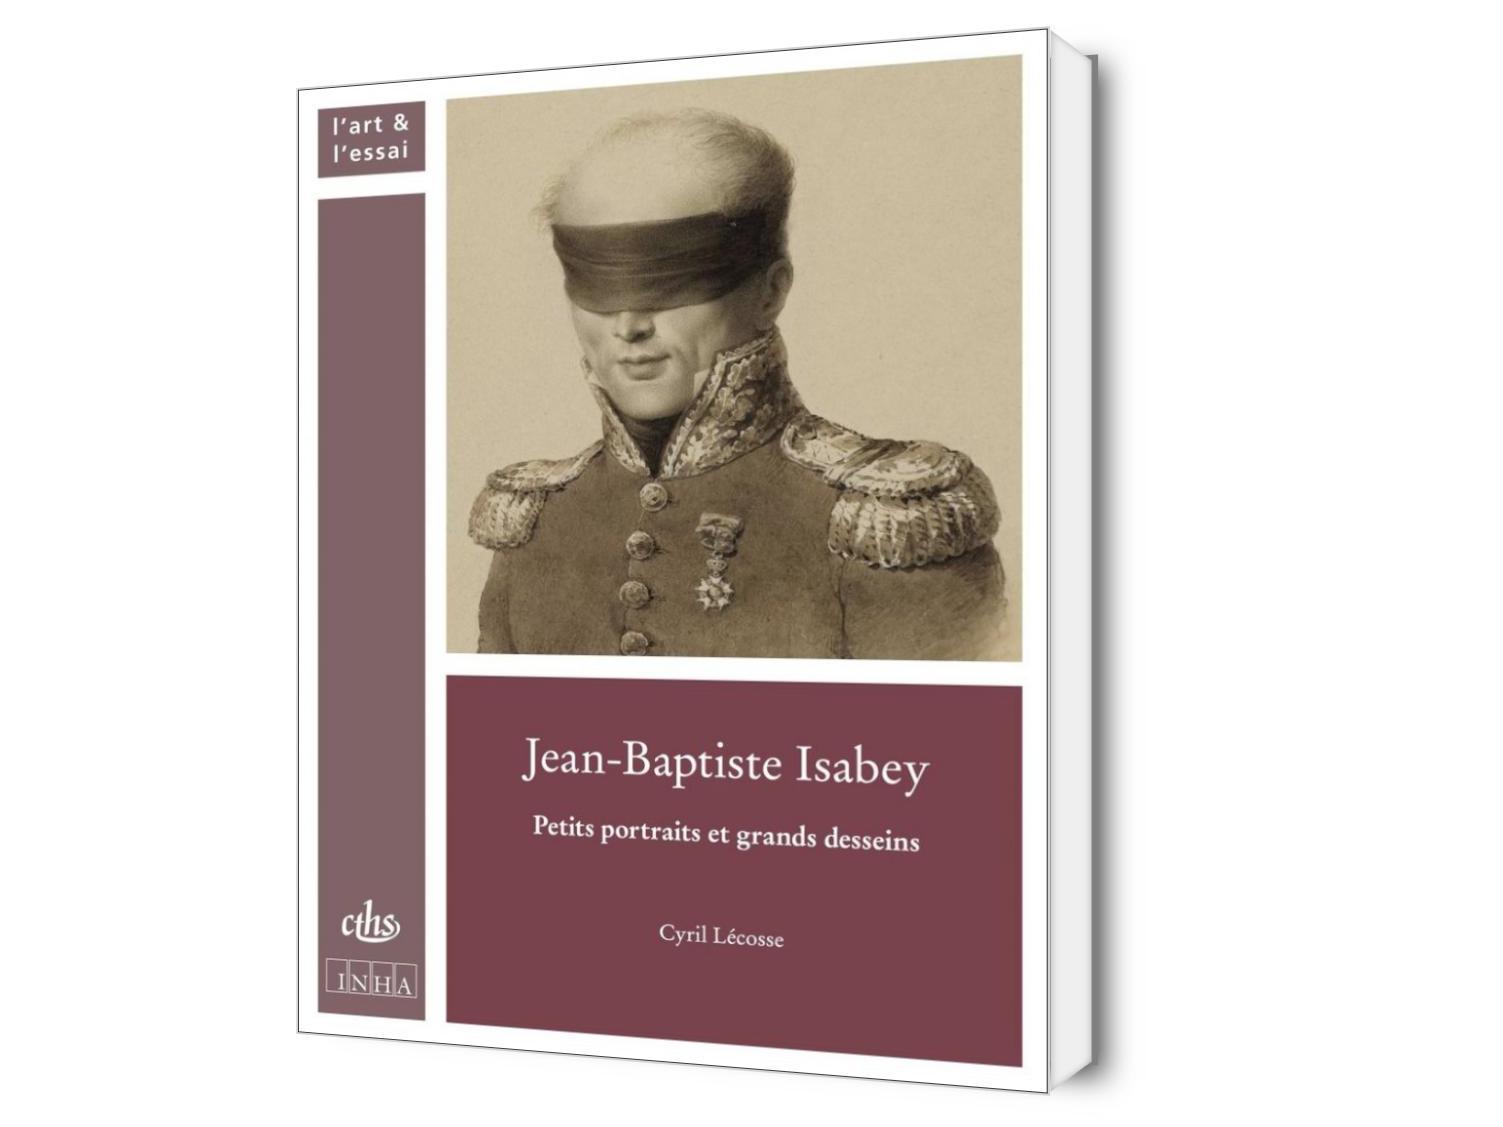 Jean-Baptiste Isabey. Petits portraits et grands desseins